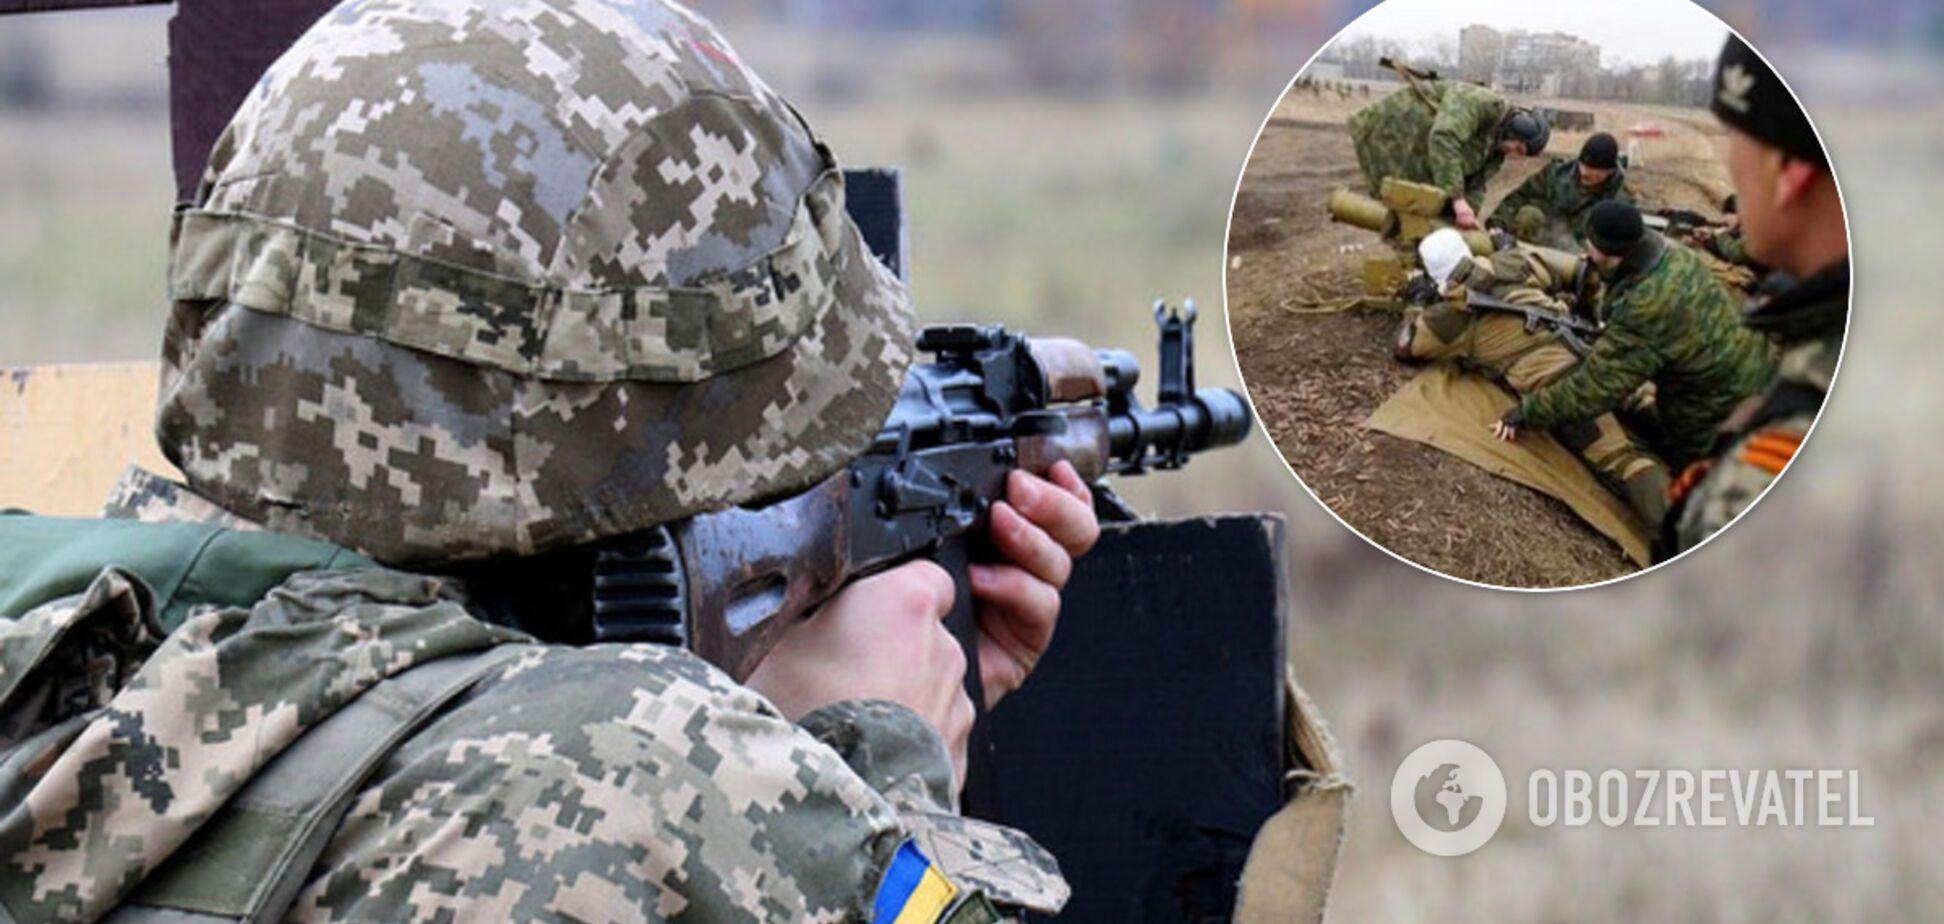 ВСУ мощно ответили на провокации 'Л/ДНР': террористы Путина подсчитывают потери